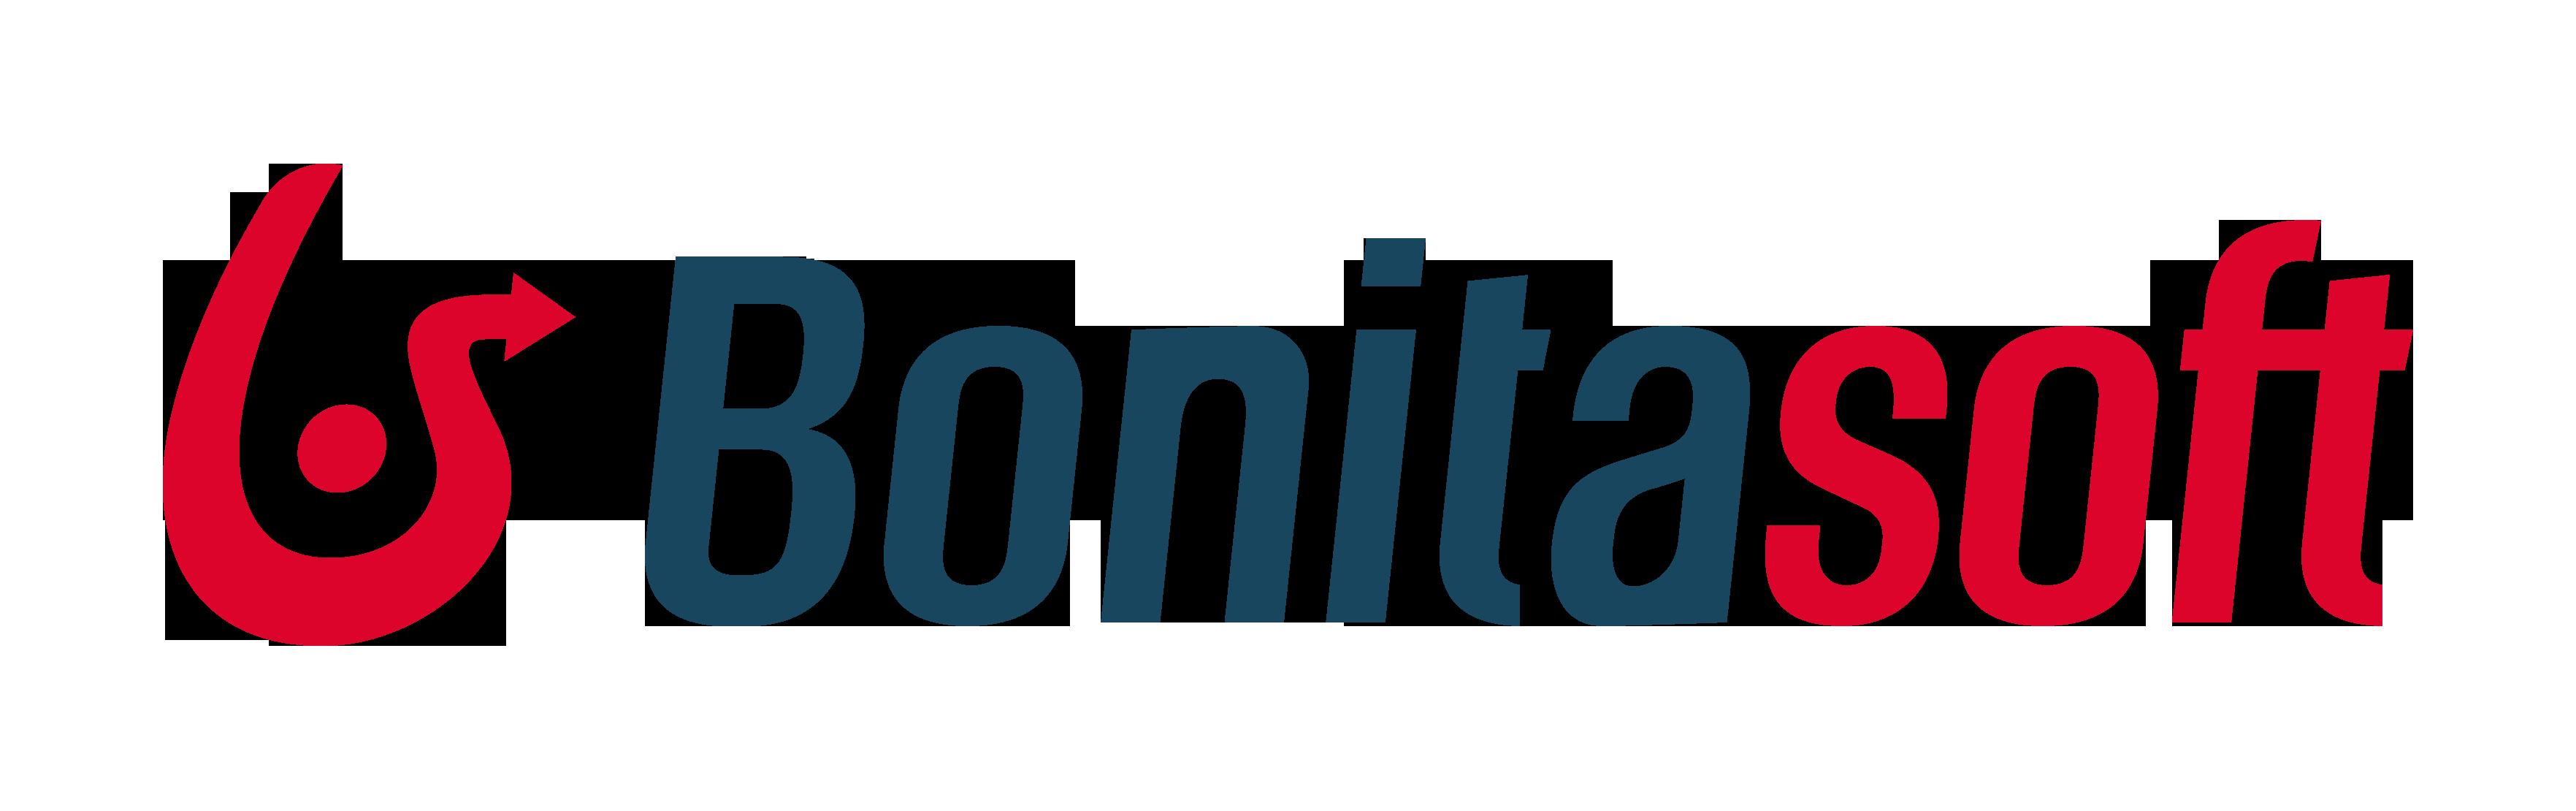 نرم افزار بونیتا Bonita